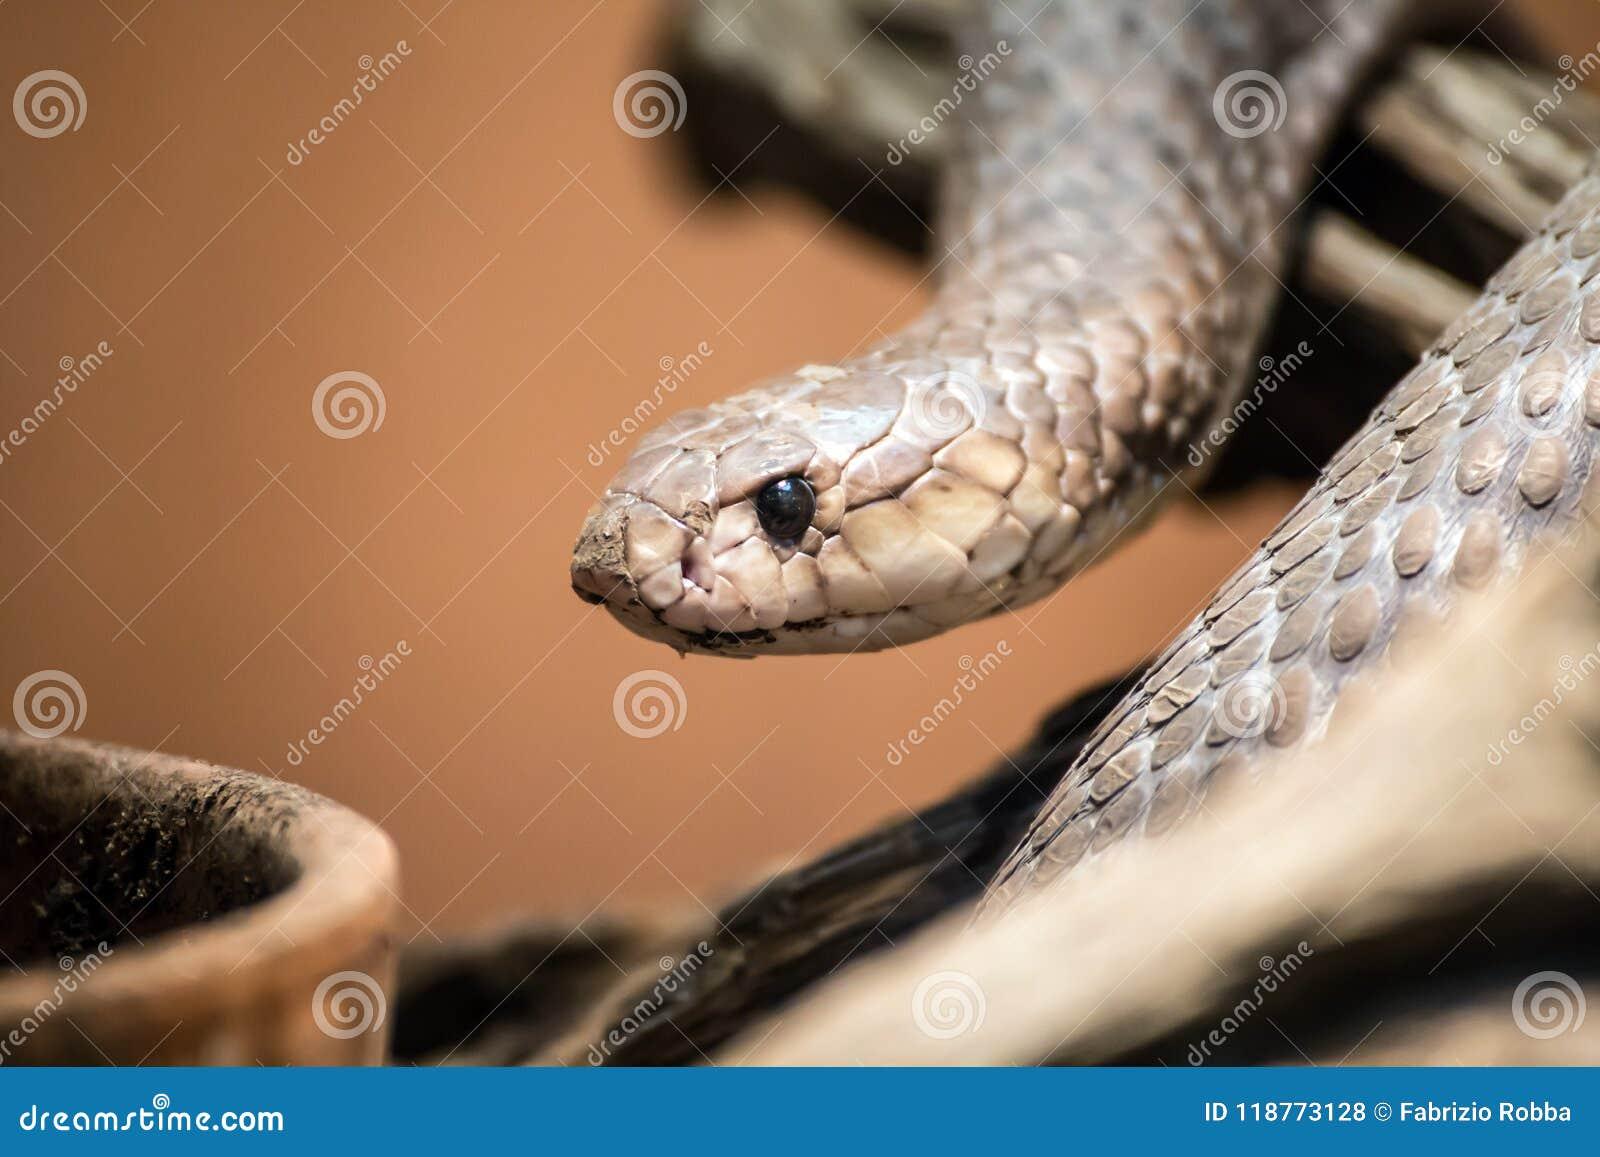 Портрет тайпана, Oxyuranus, одна из самых ядовитых и самых смертельных змеек в мире